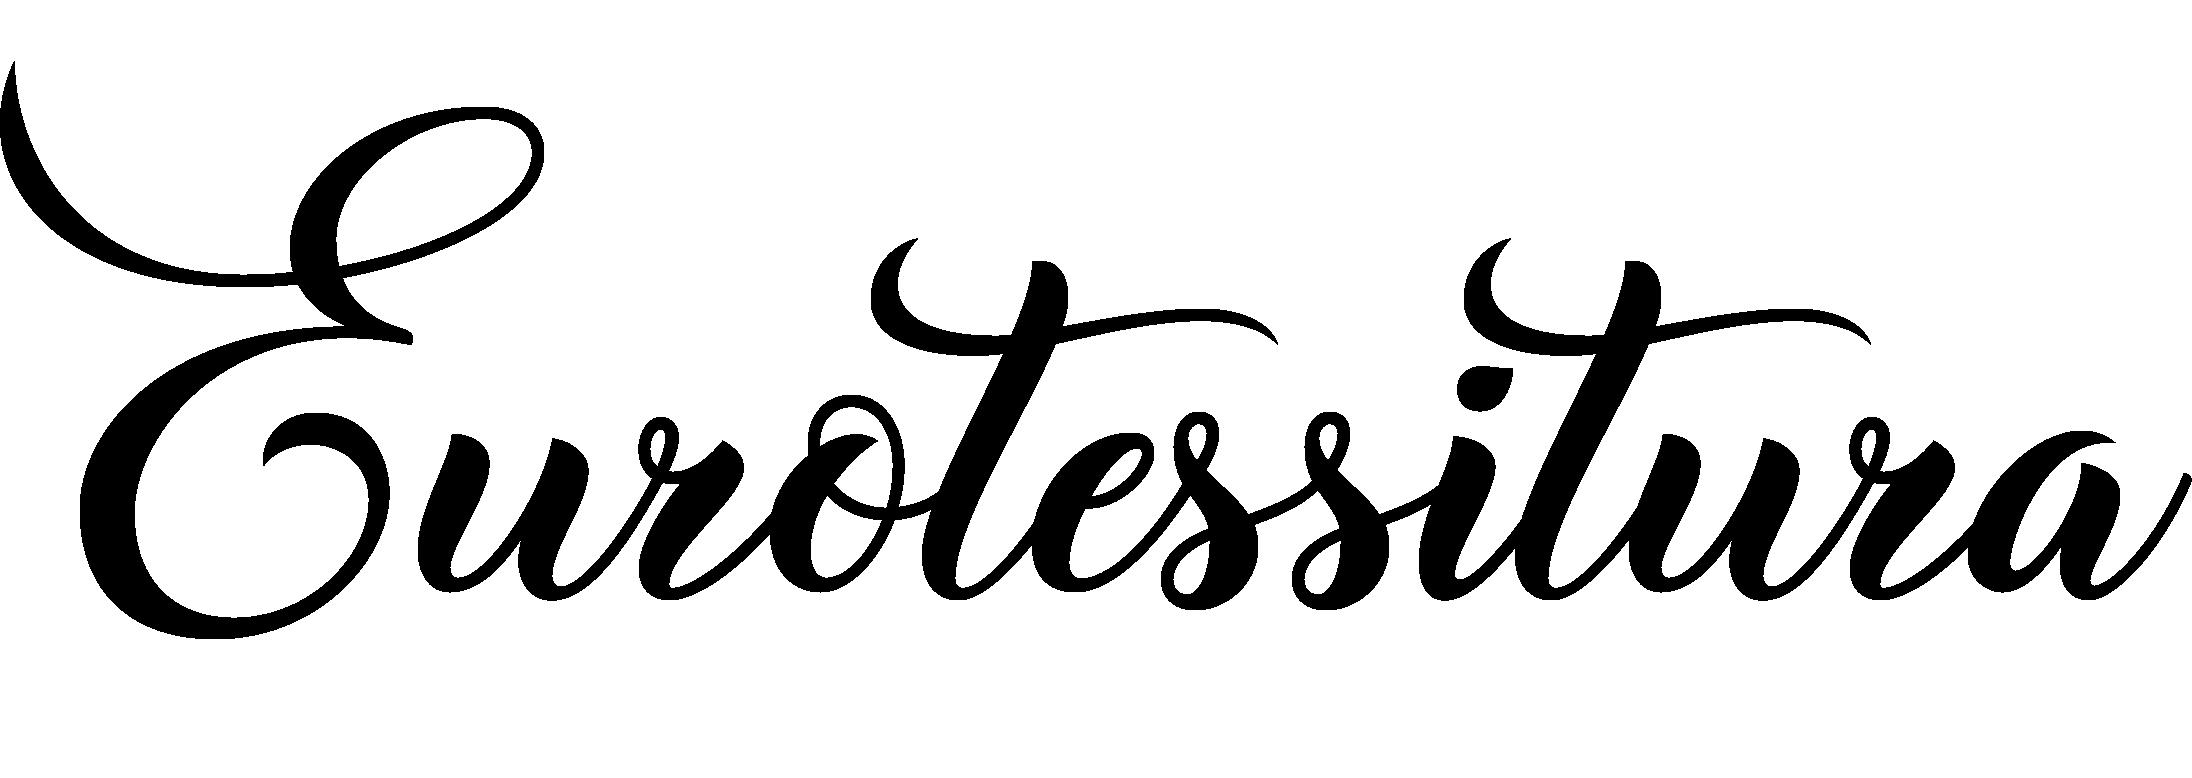 Eurotessitura